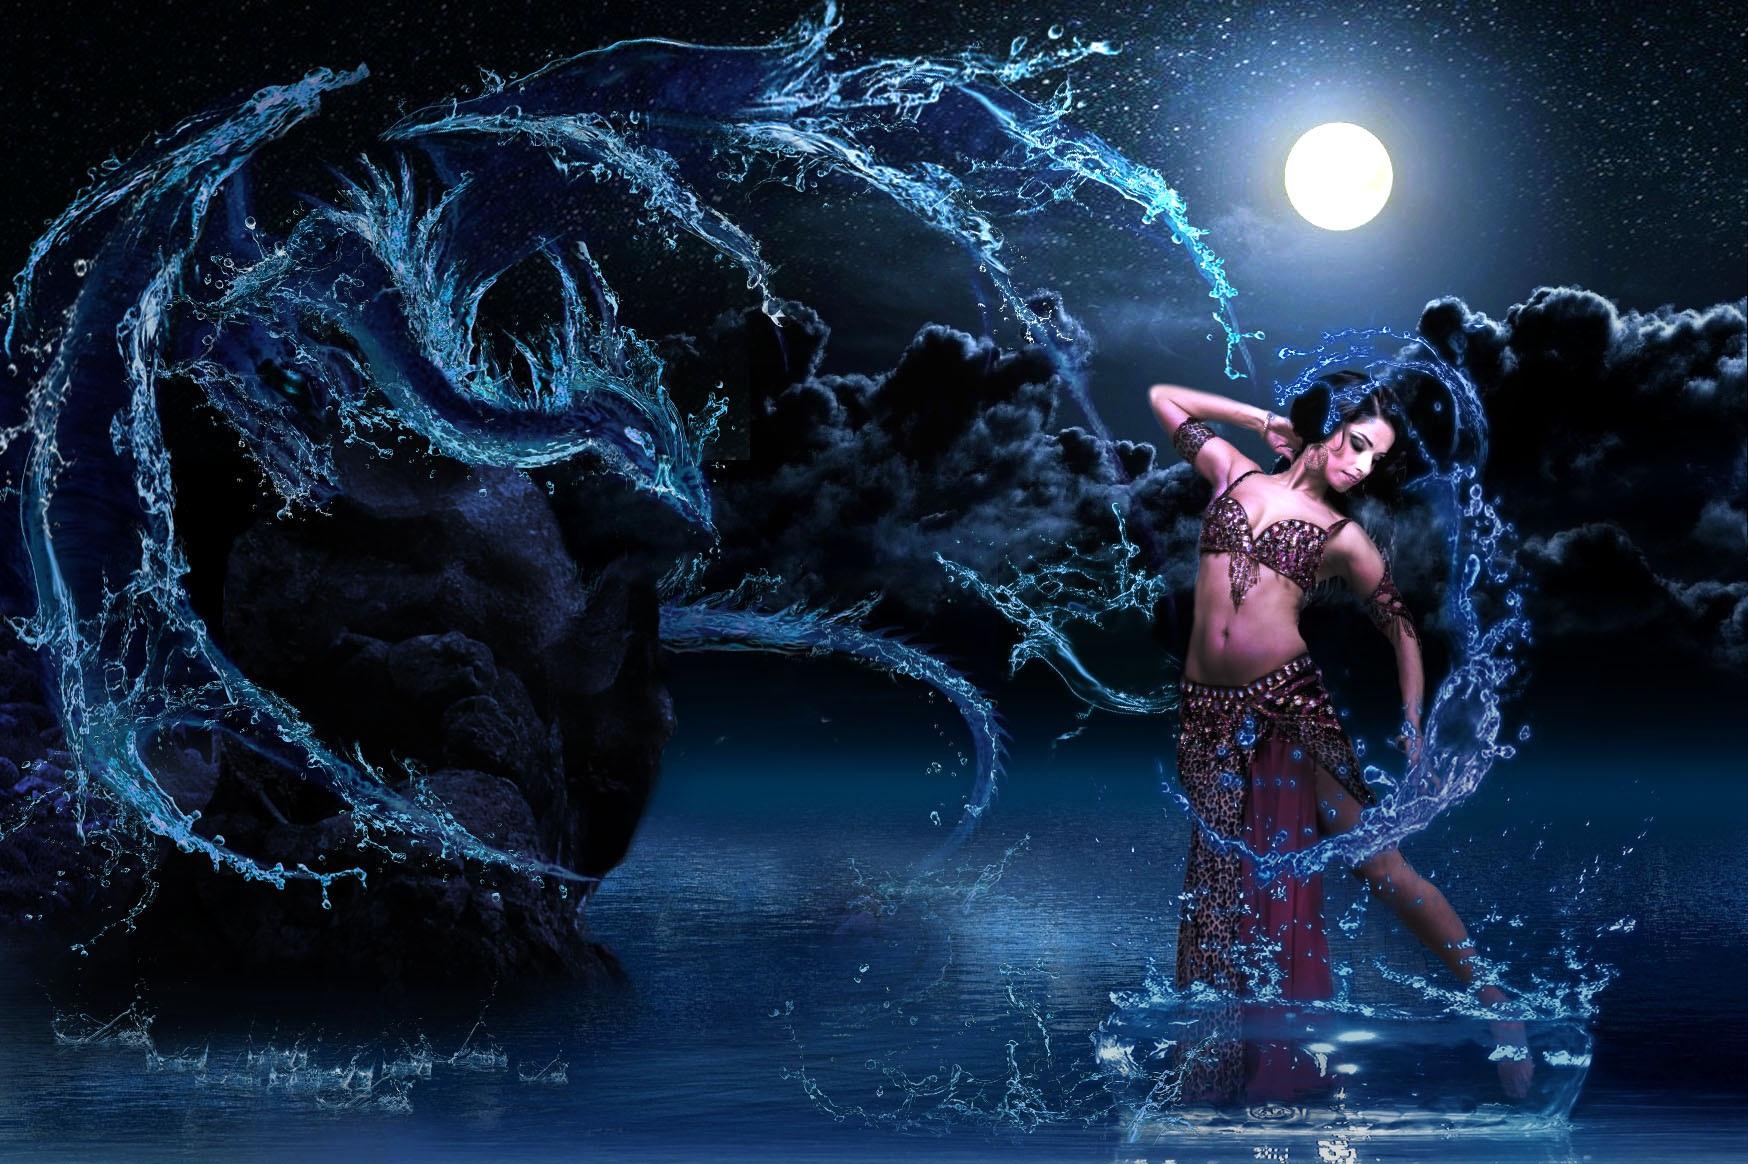 Summoning water dragon